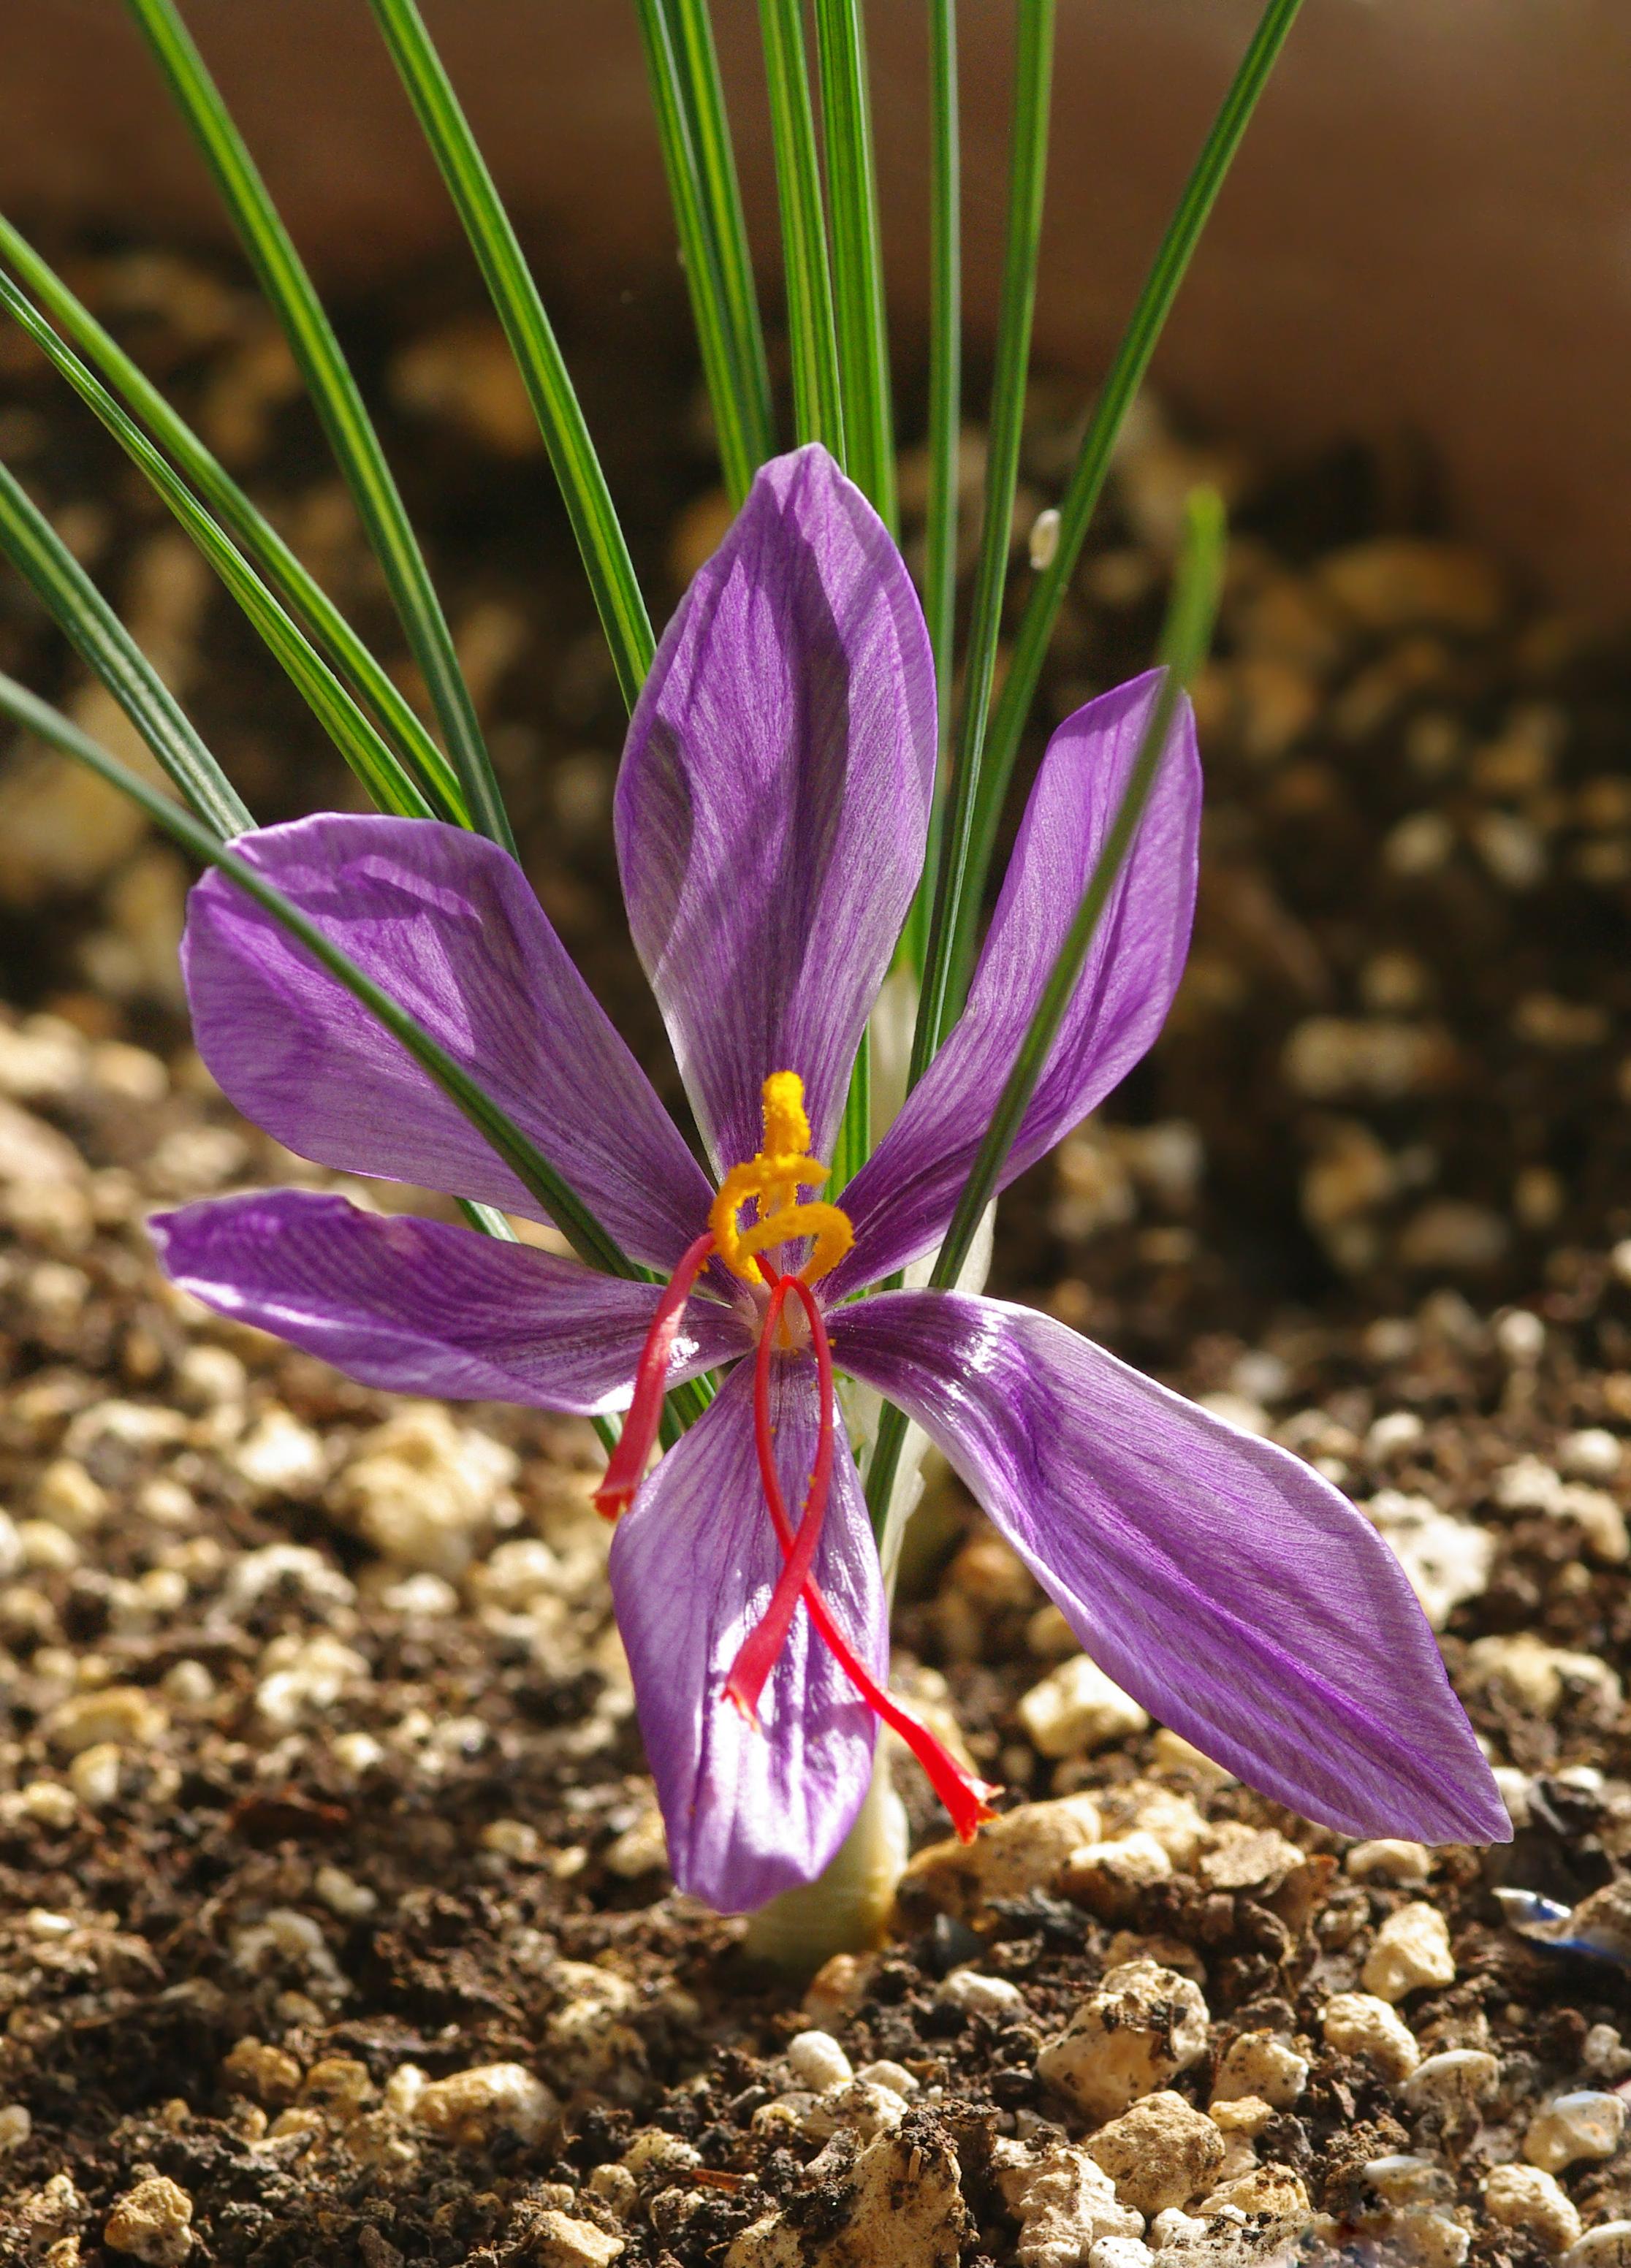 File:Crocus sativus - Saffron crocus - Safran 03.JPG - Wikimedia ...